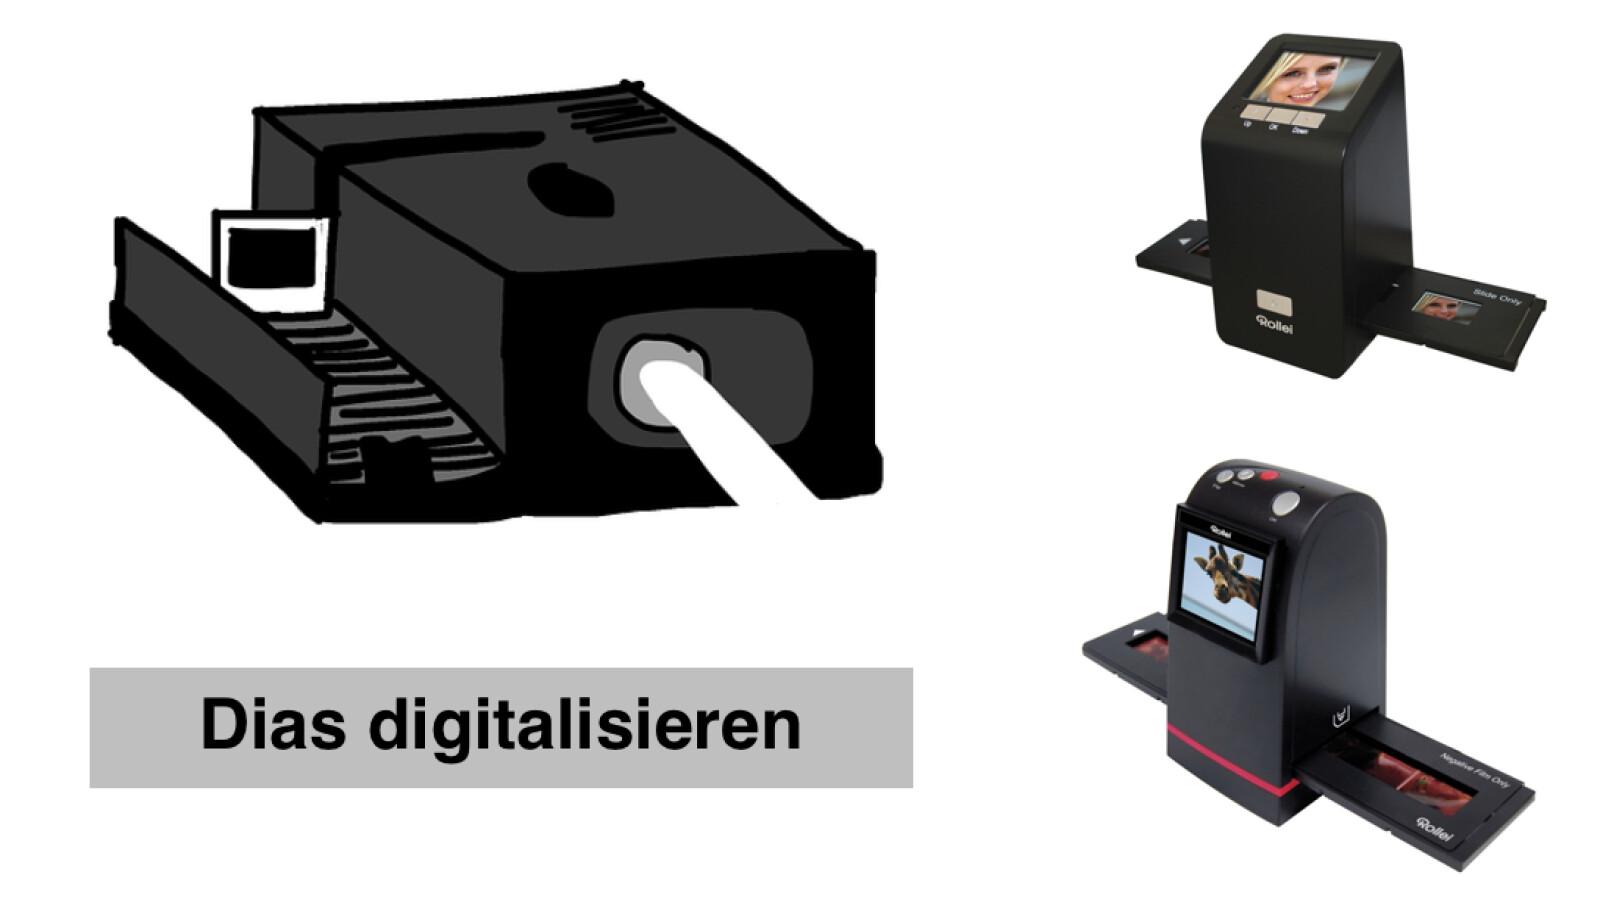 diascanner negative und dias digitalisieren netzwelt. Black Bedroom Furniture Sets. Home Design Ideas